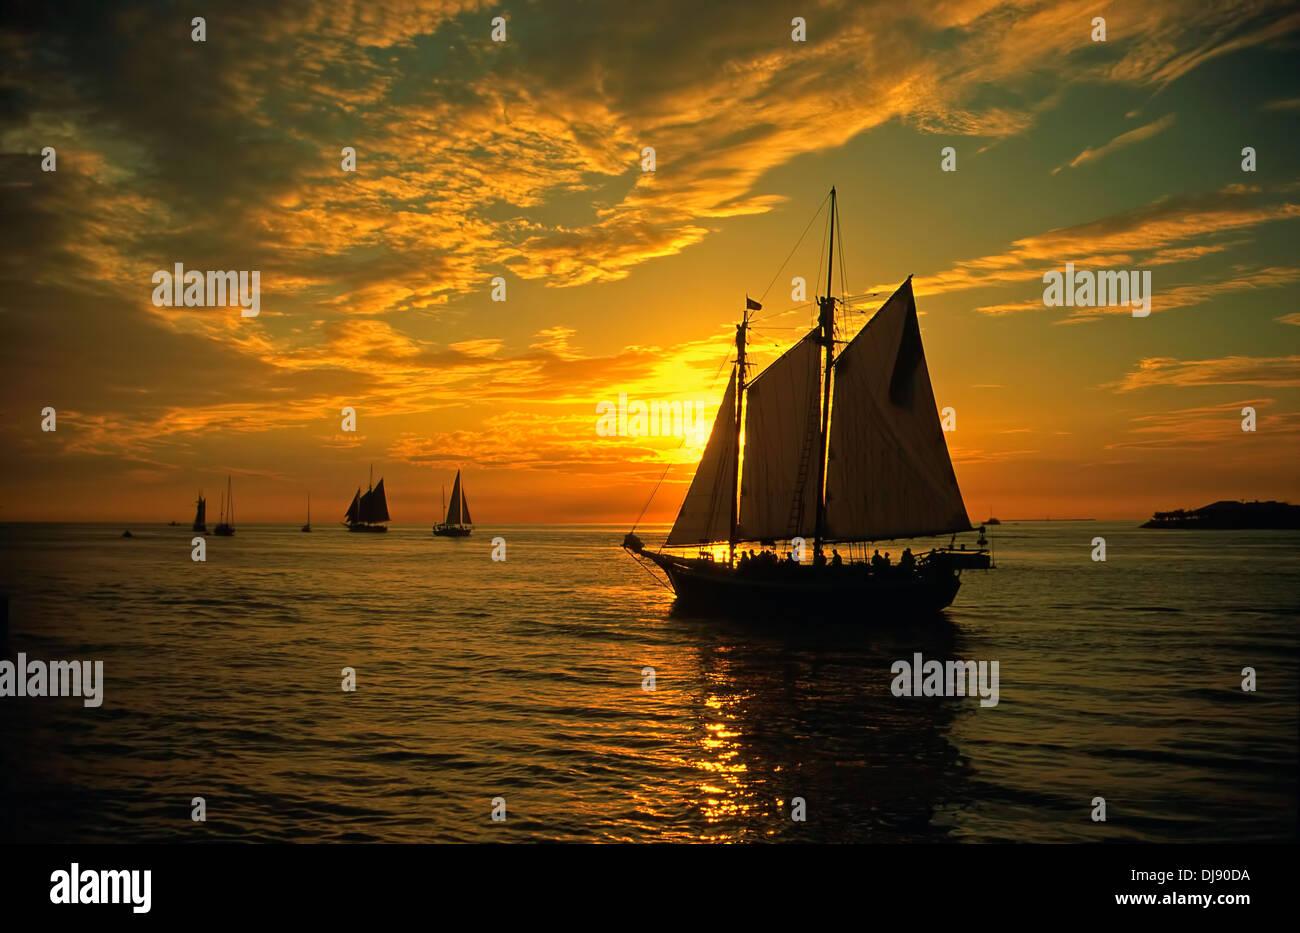 Sailing Boat Sunset Key West Florida United States of America - Stock Image